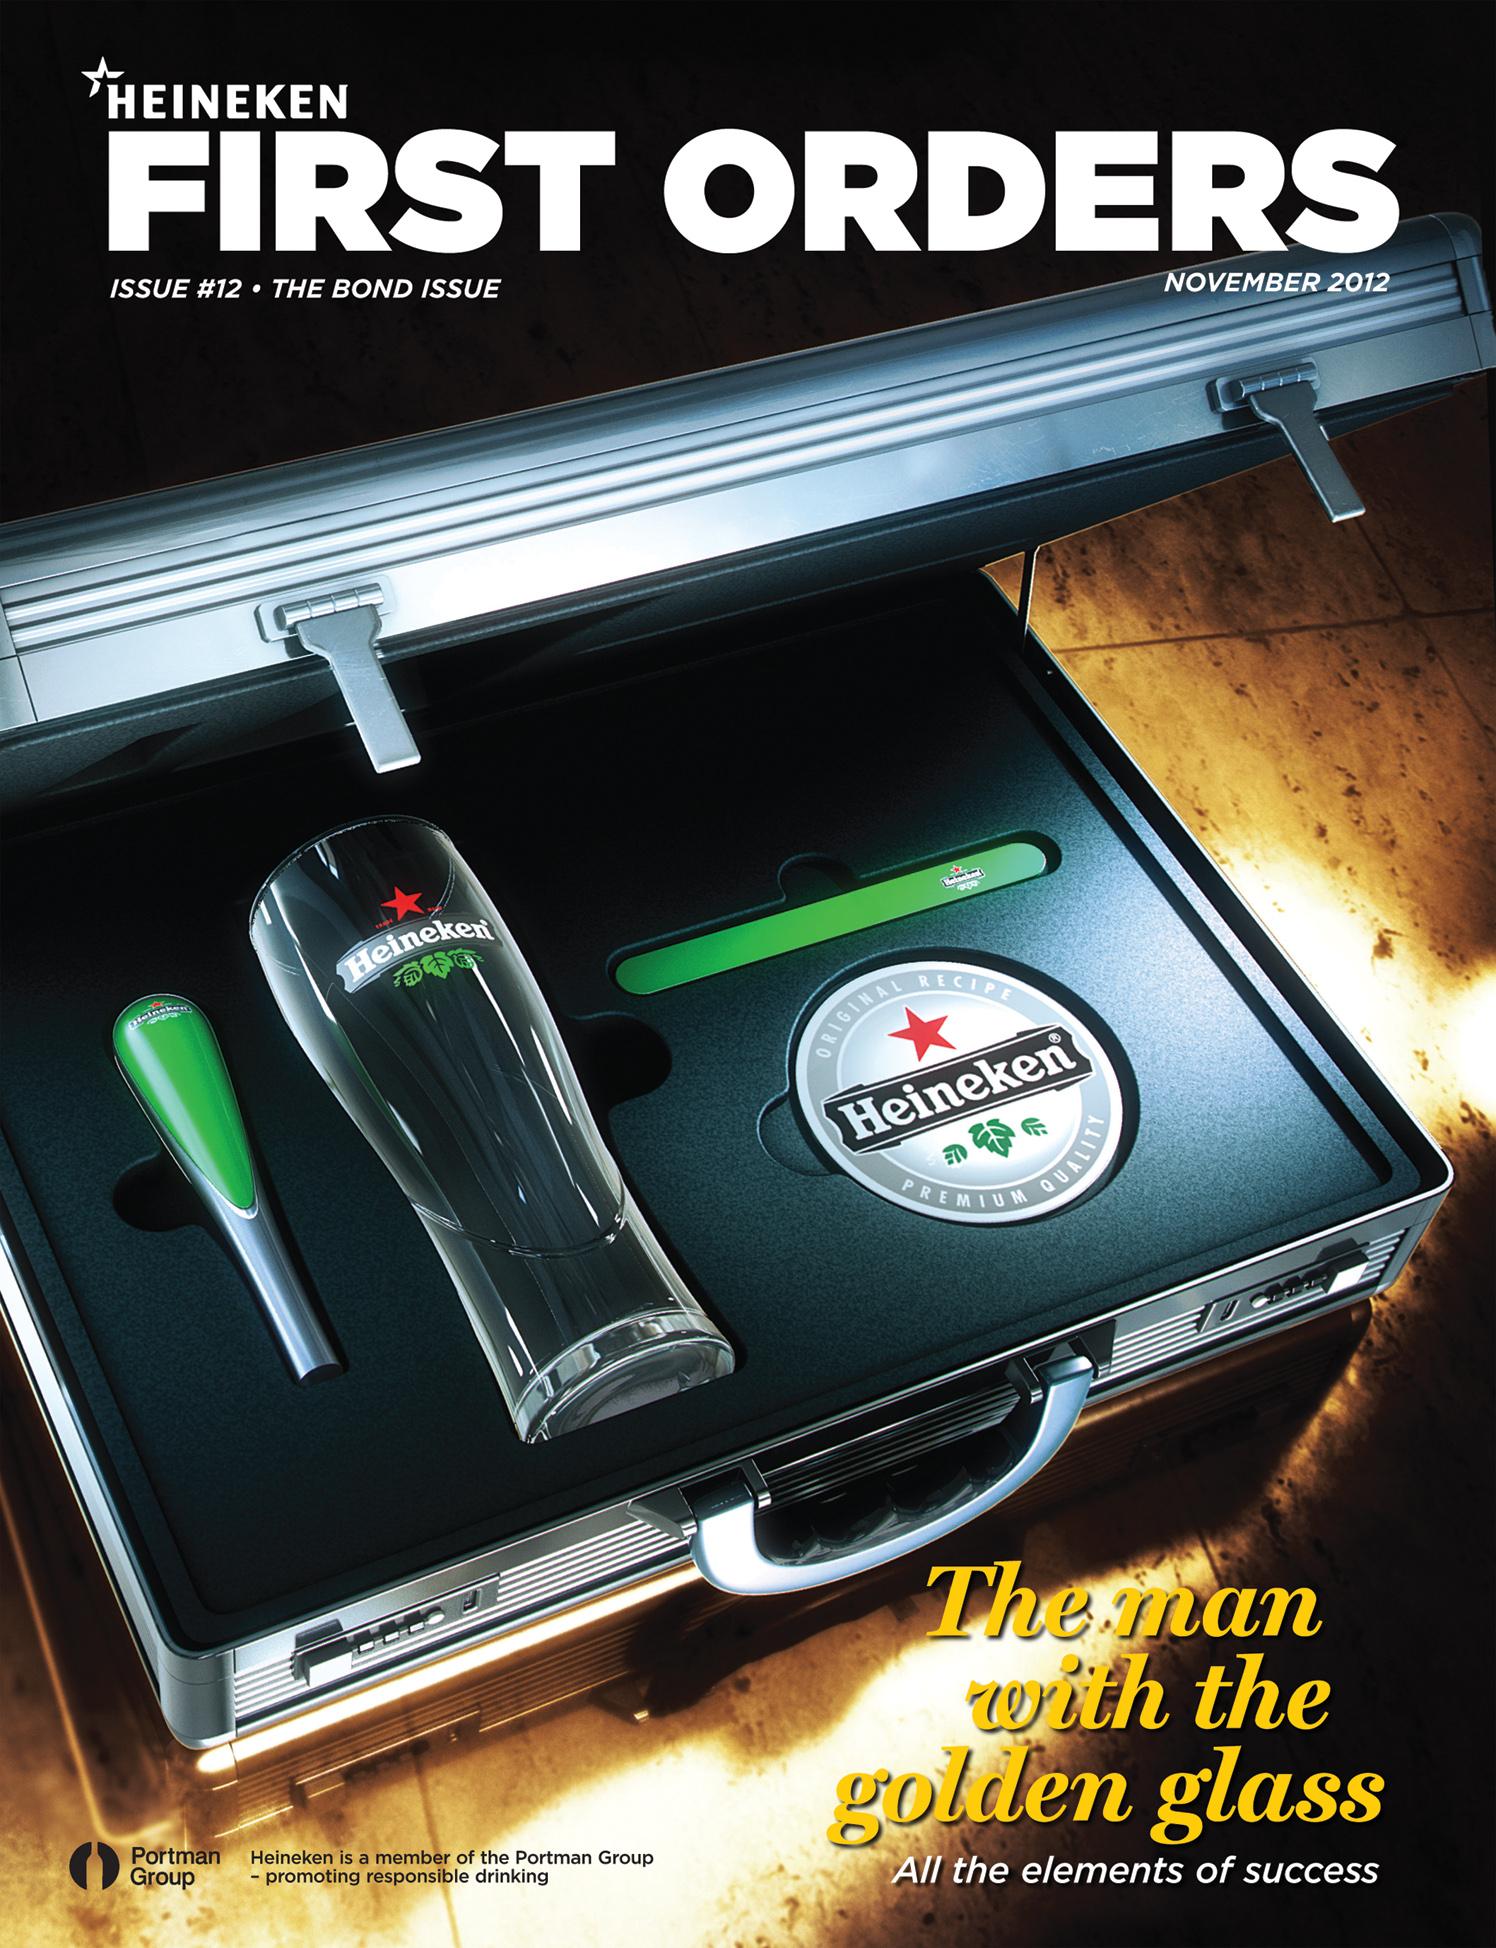 Heineken First Orders Magazine